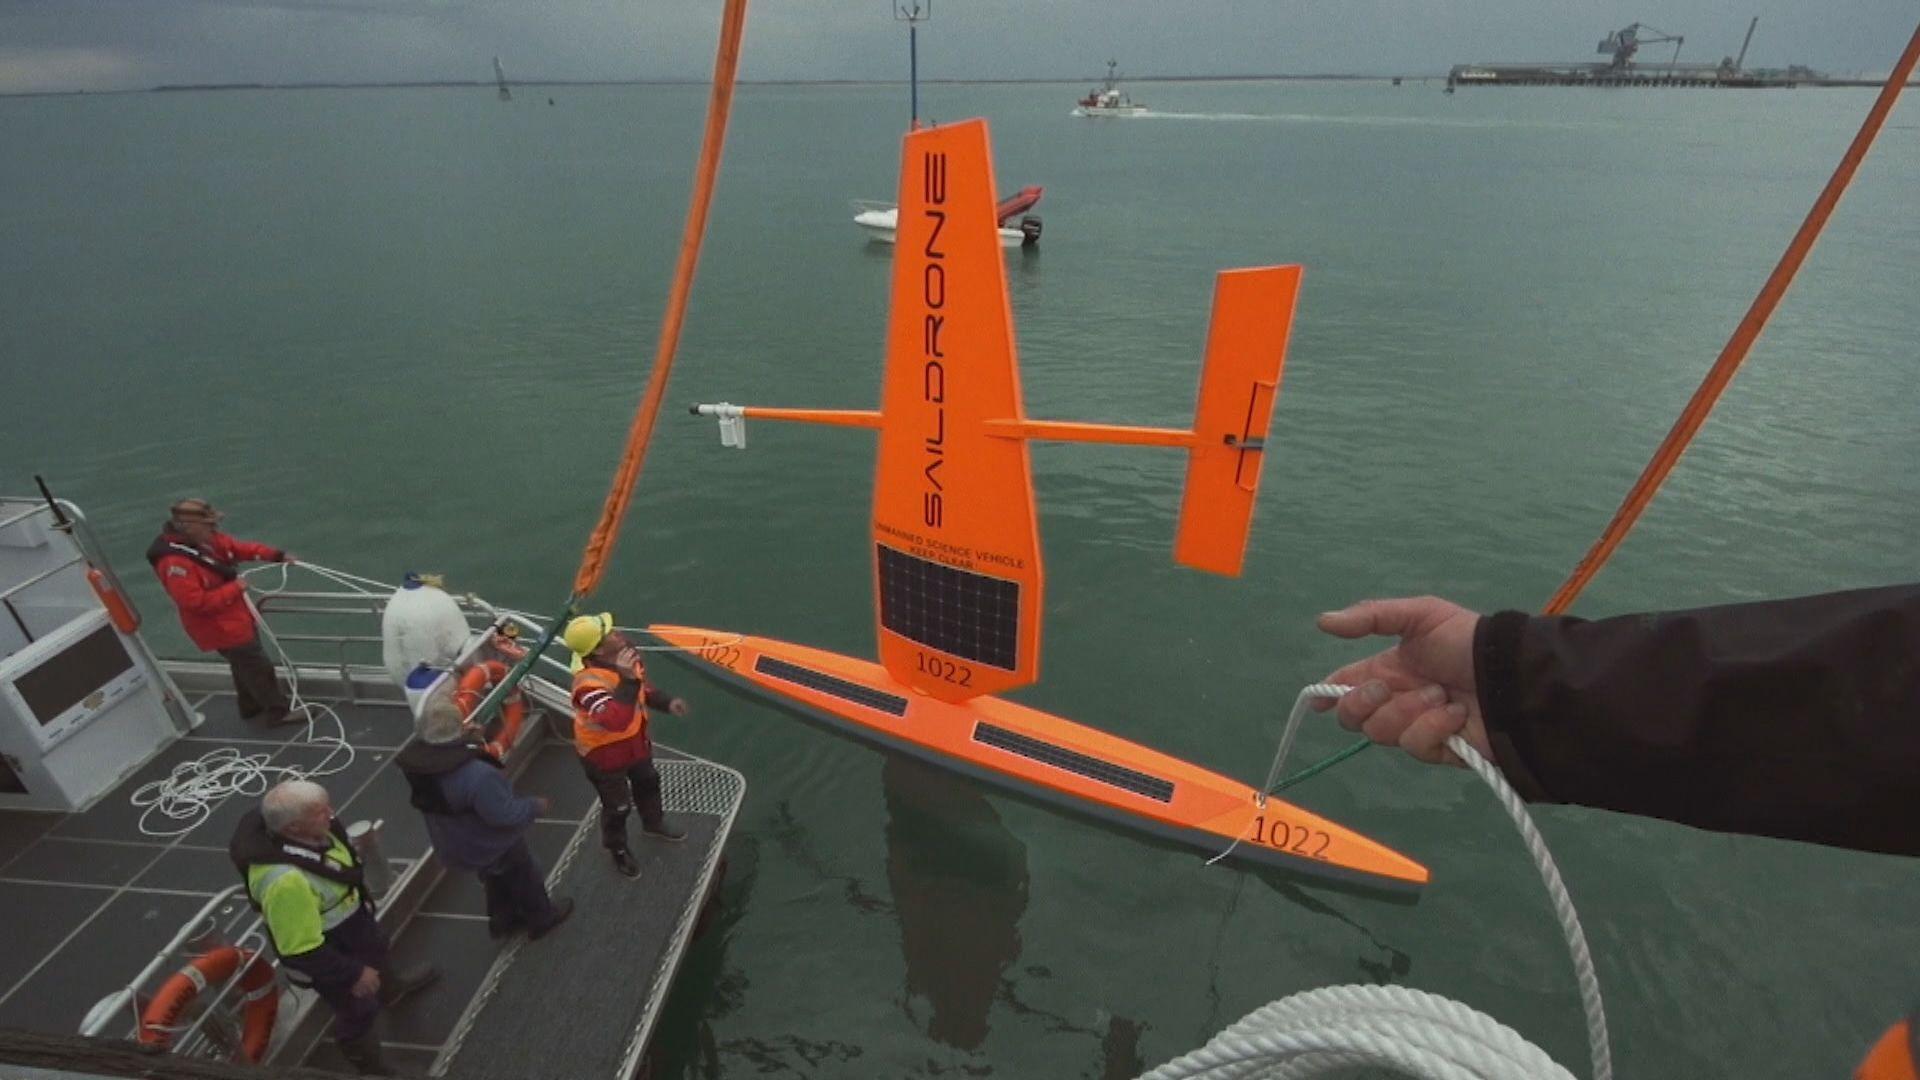 李嘉誠基金會贊助首支無人駕駛航探儀往南極